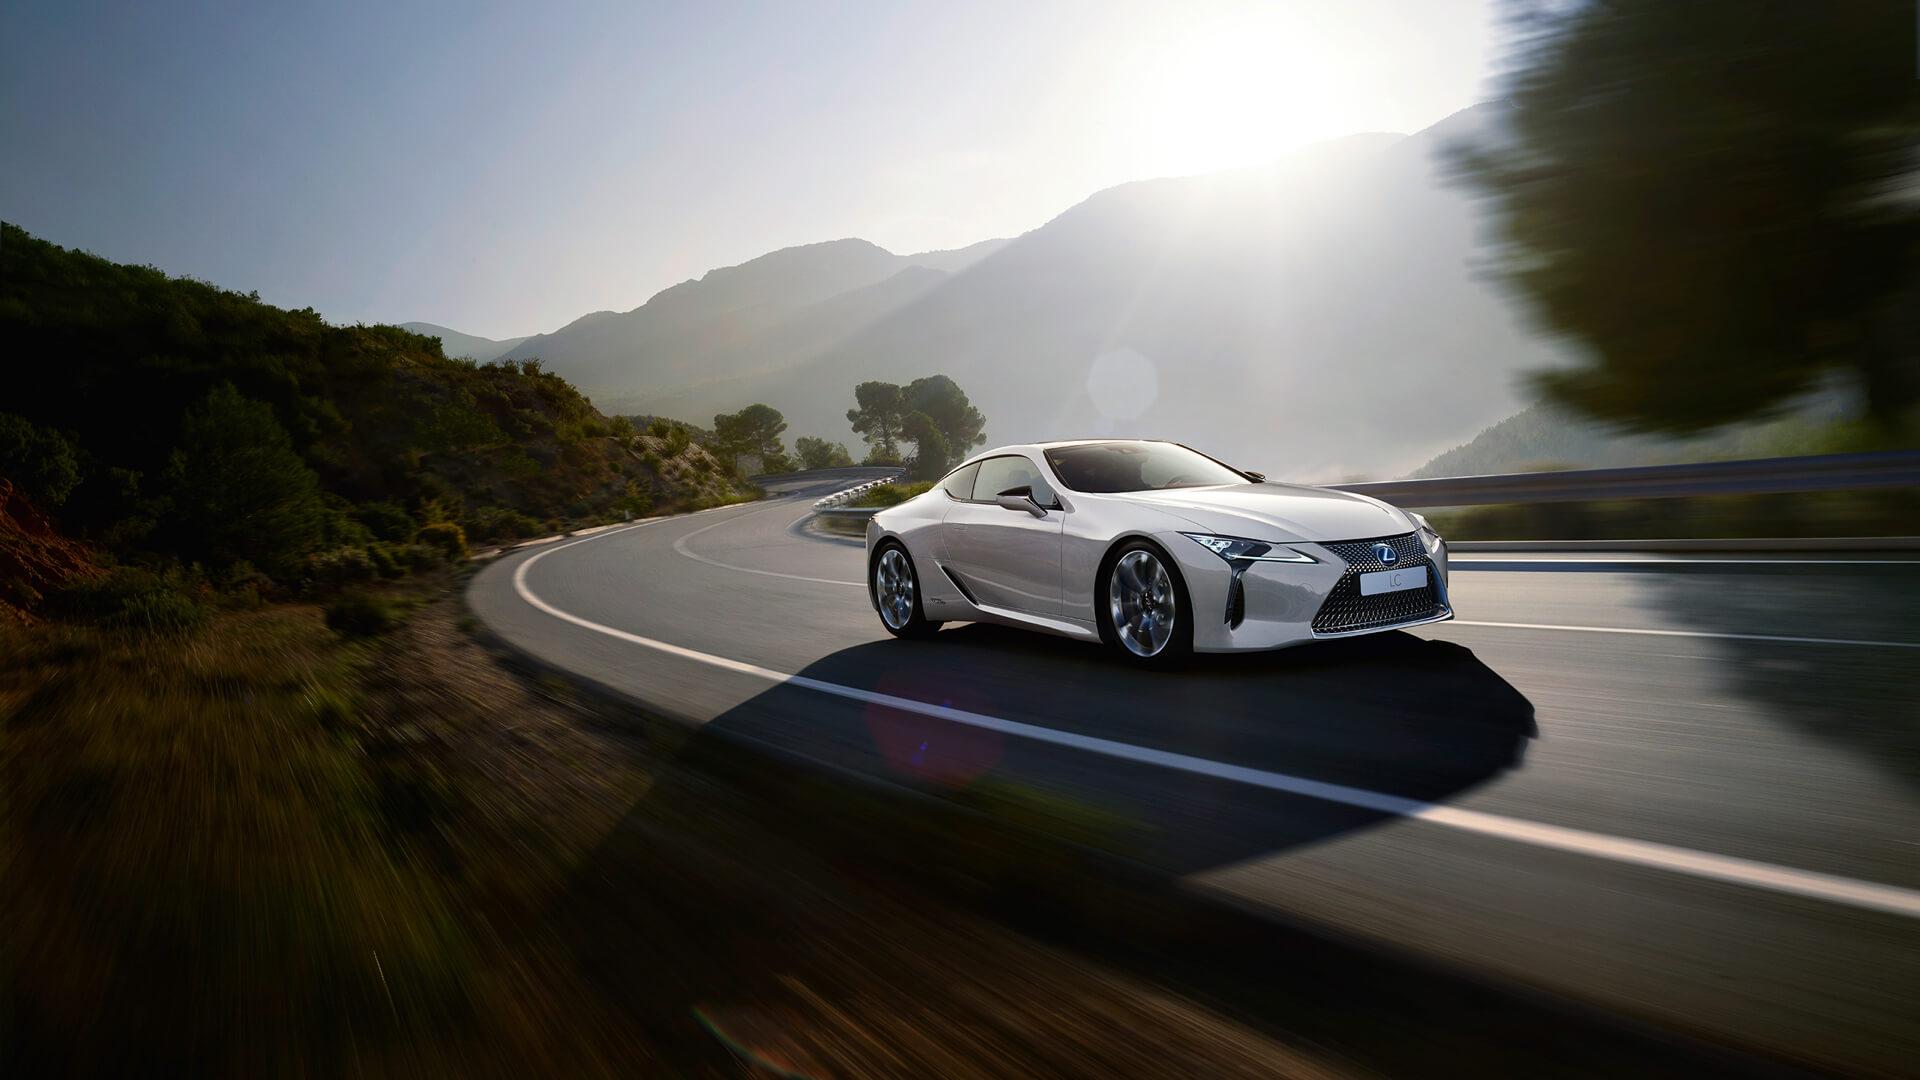 Hvit Lexus LC 500h sportssedan selvladende hybrid kommer kjørende oppover i et landskap med trær og fjell